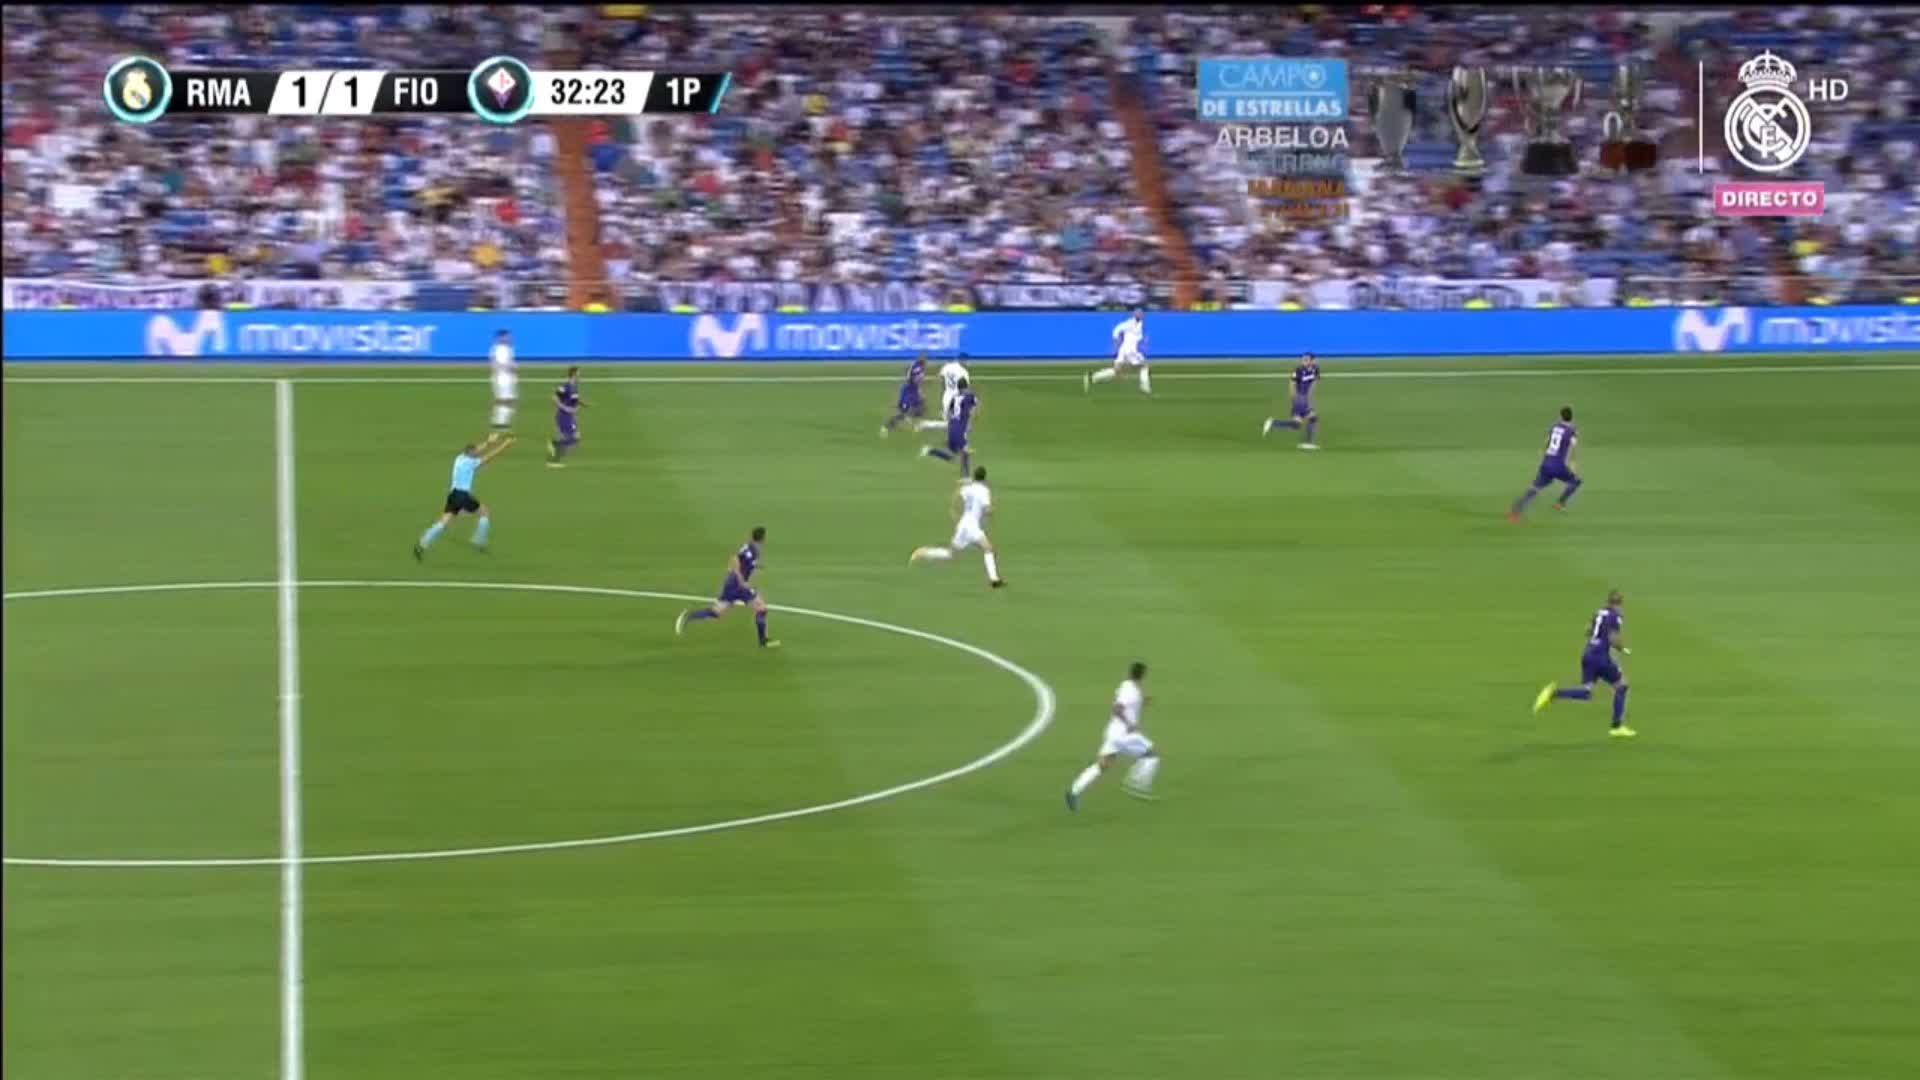 ⚽️�� 33' GOLAZOOOO by @Cristiano!!!  #RealMadrid 2-1 @acffiorentina  #HalaMadrid https://t.co/uXHbxiKjN3